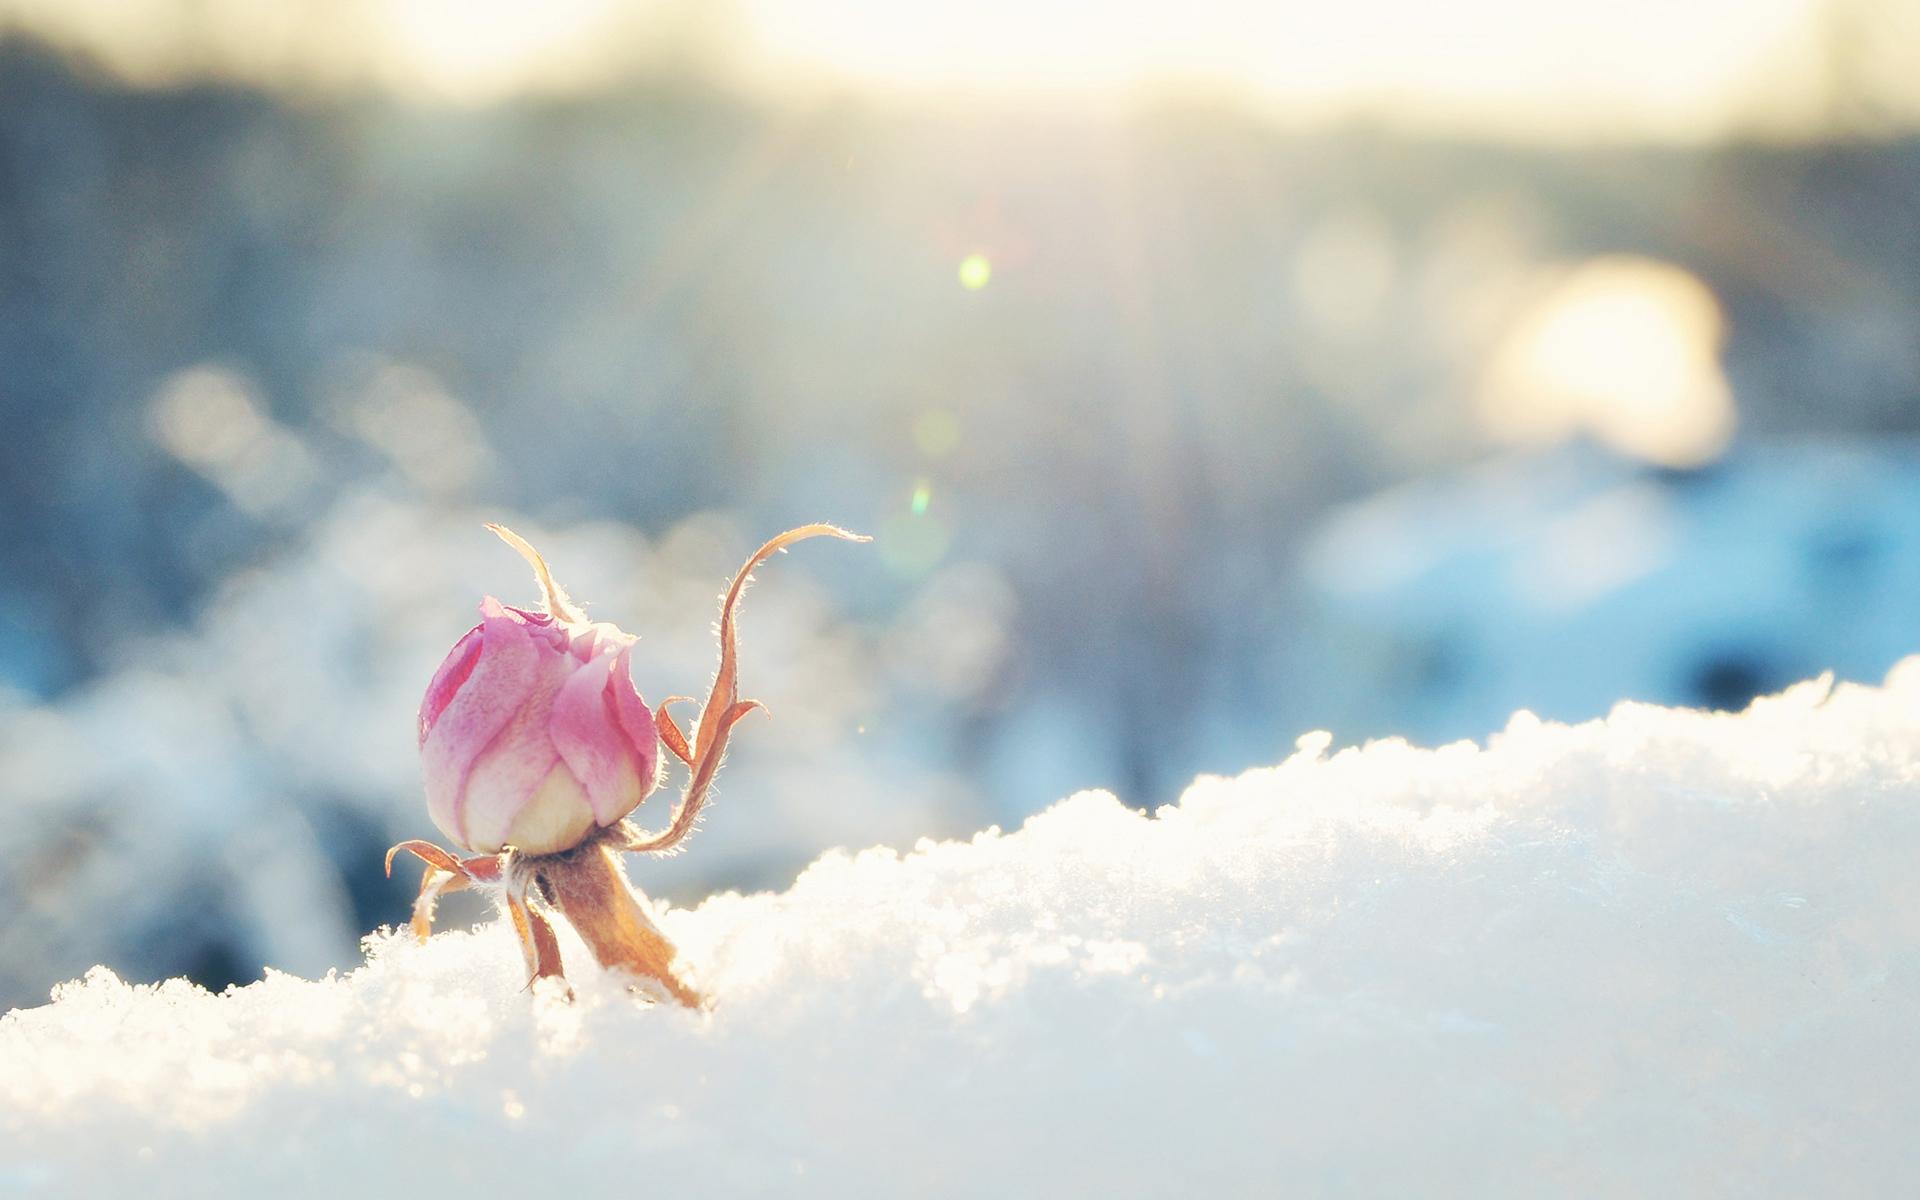 bud in winter